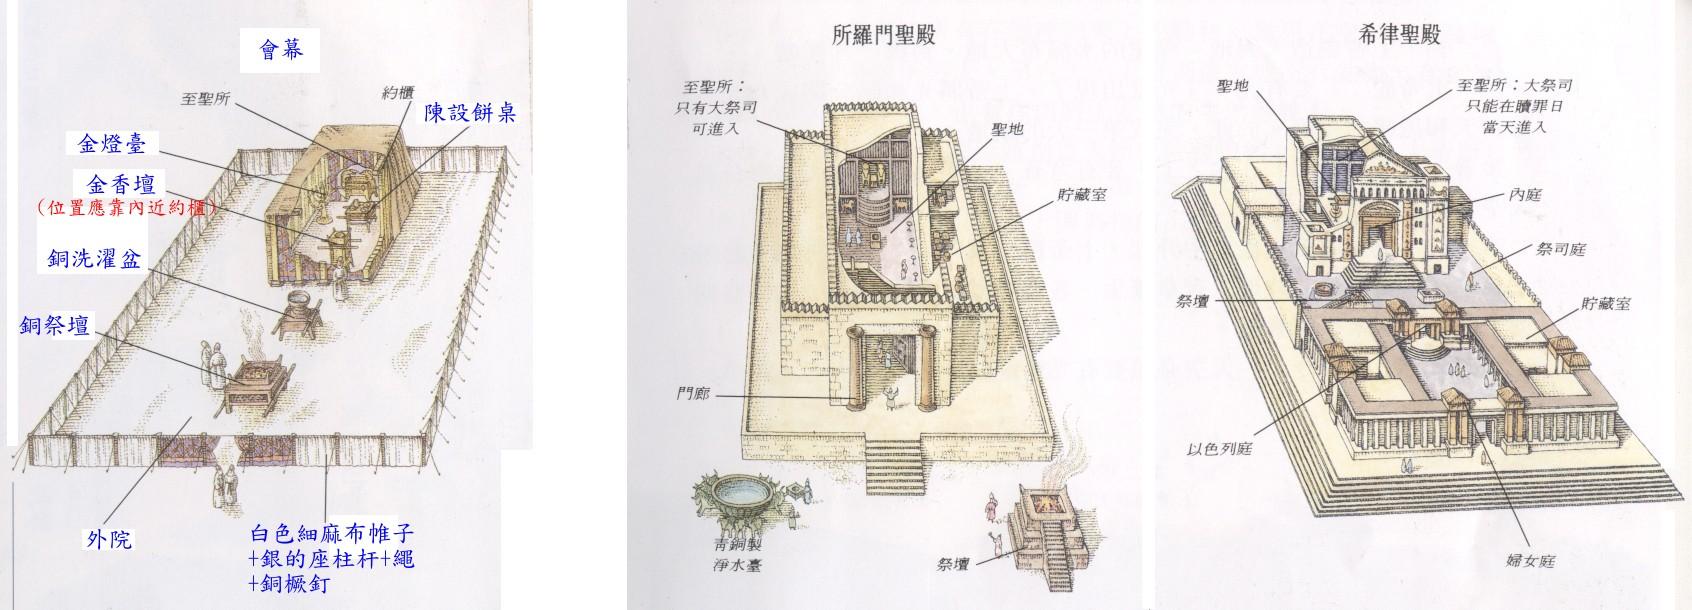 會幕與聖殿圖示。